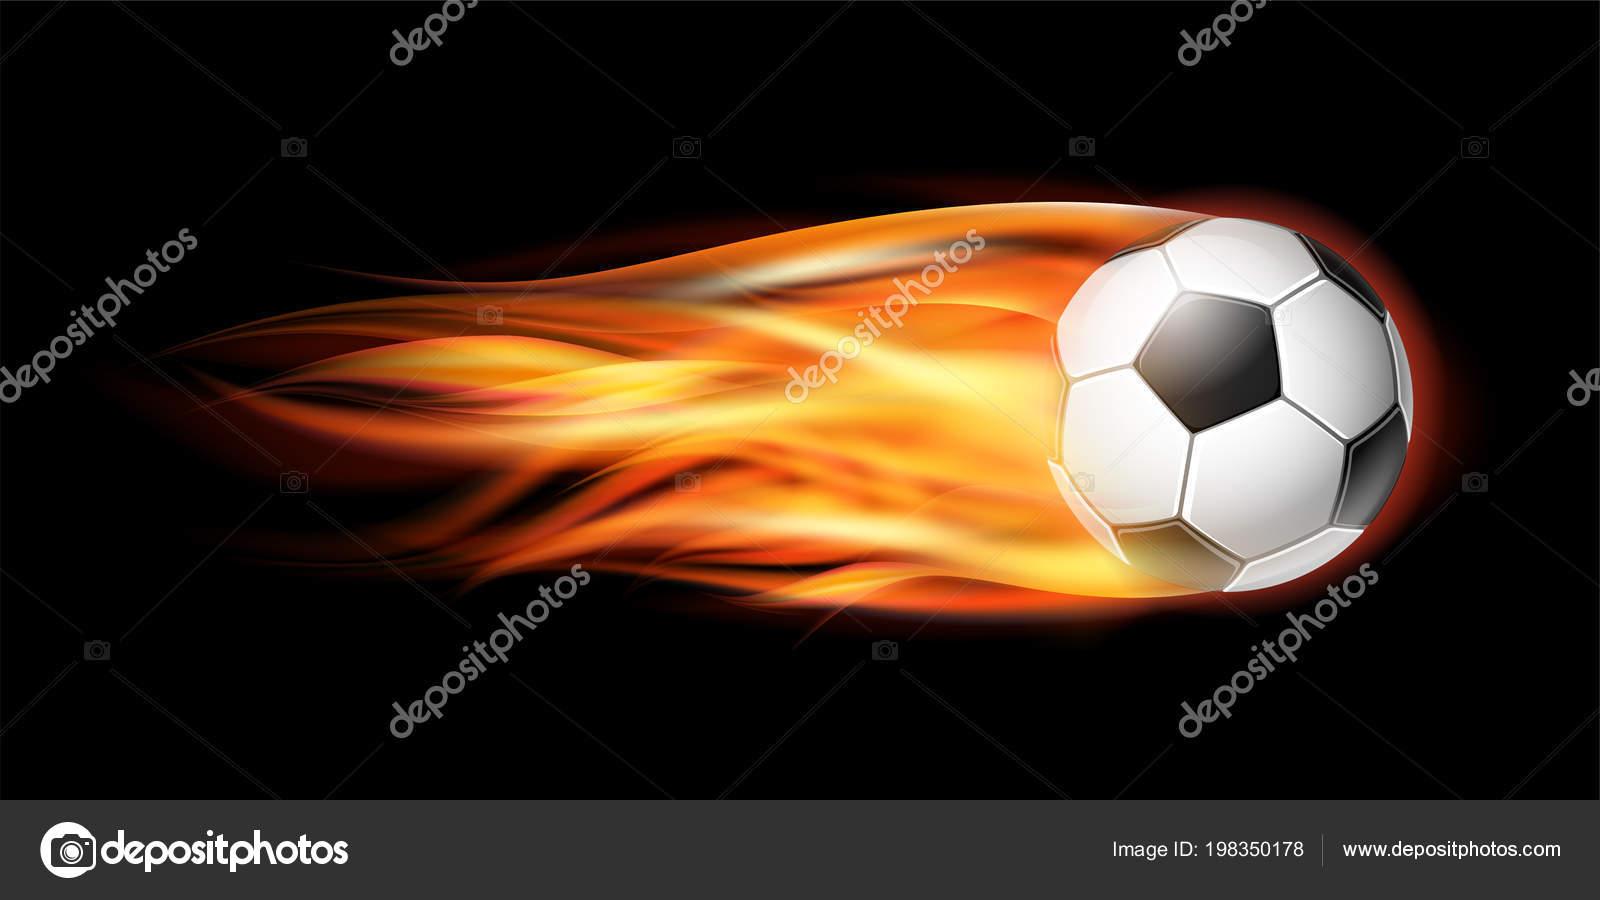 b5dc13114fbe7 Vuelo del balompié en el fuego. Balón de fútbol con pista de llama  brillante sobre el fondo negro — Vector de ...